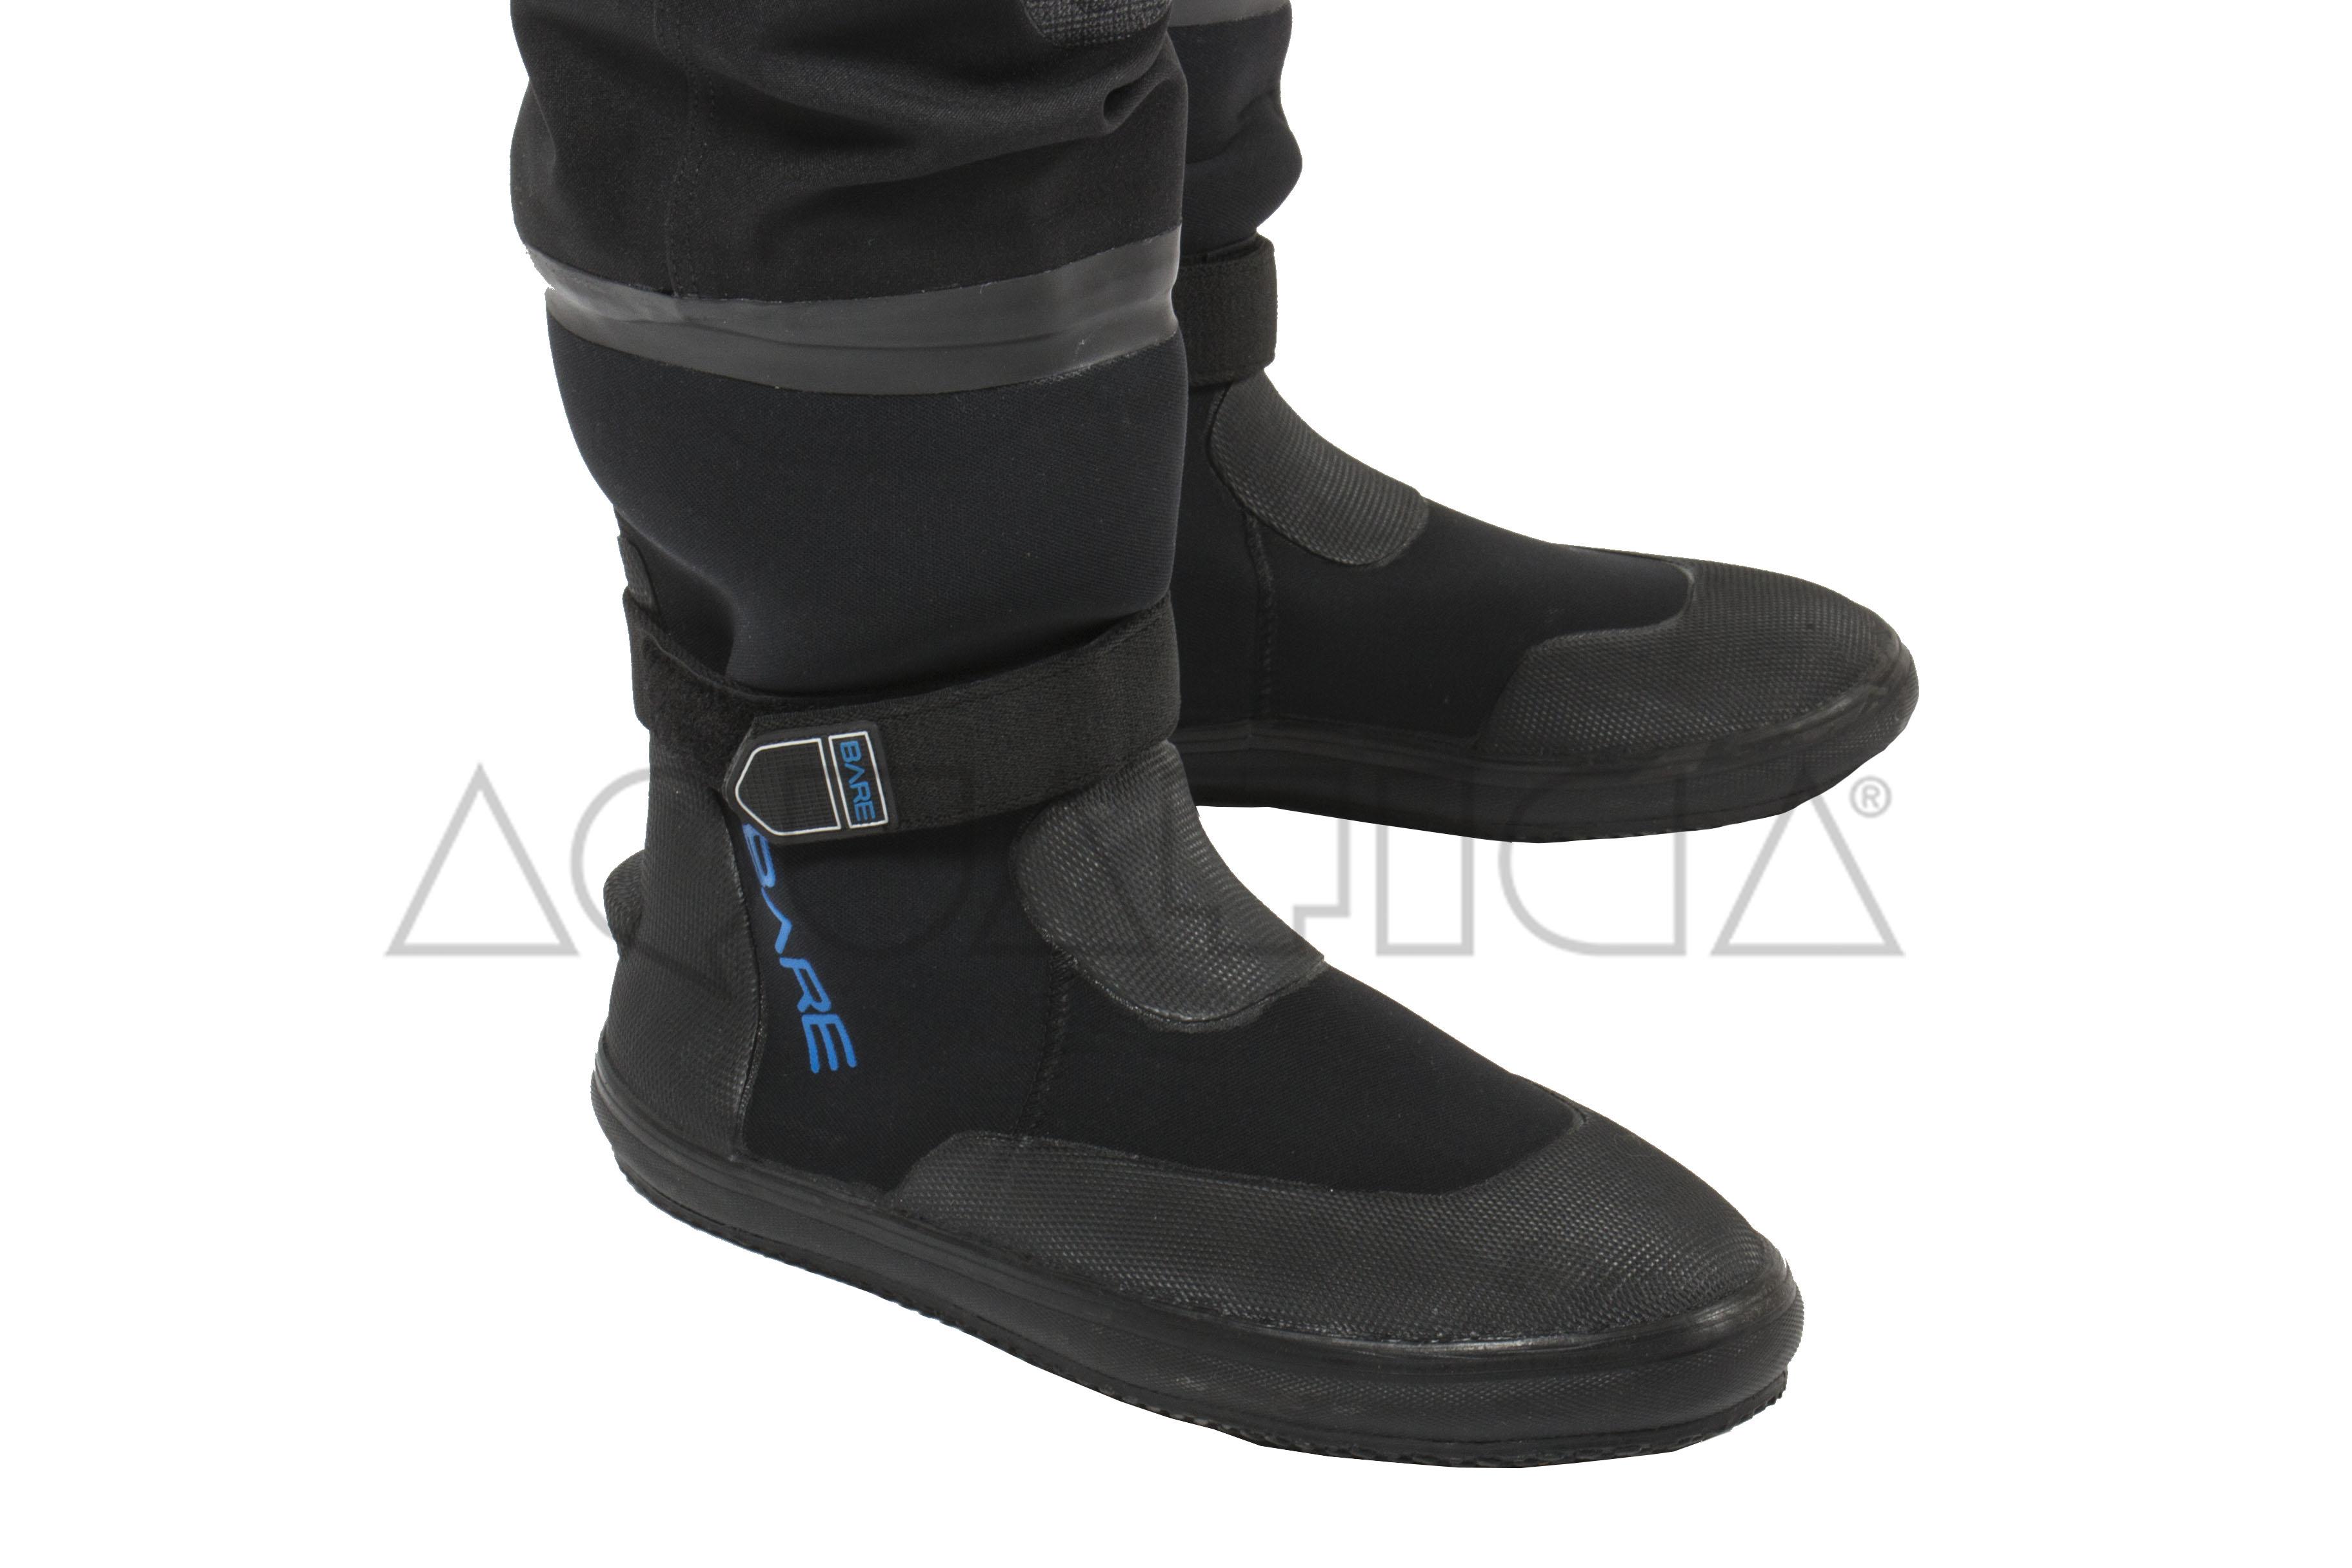 Muta Stagna Uomo Bare Trilaminato Tech Dry 2017 Boots